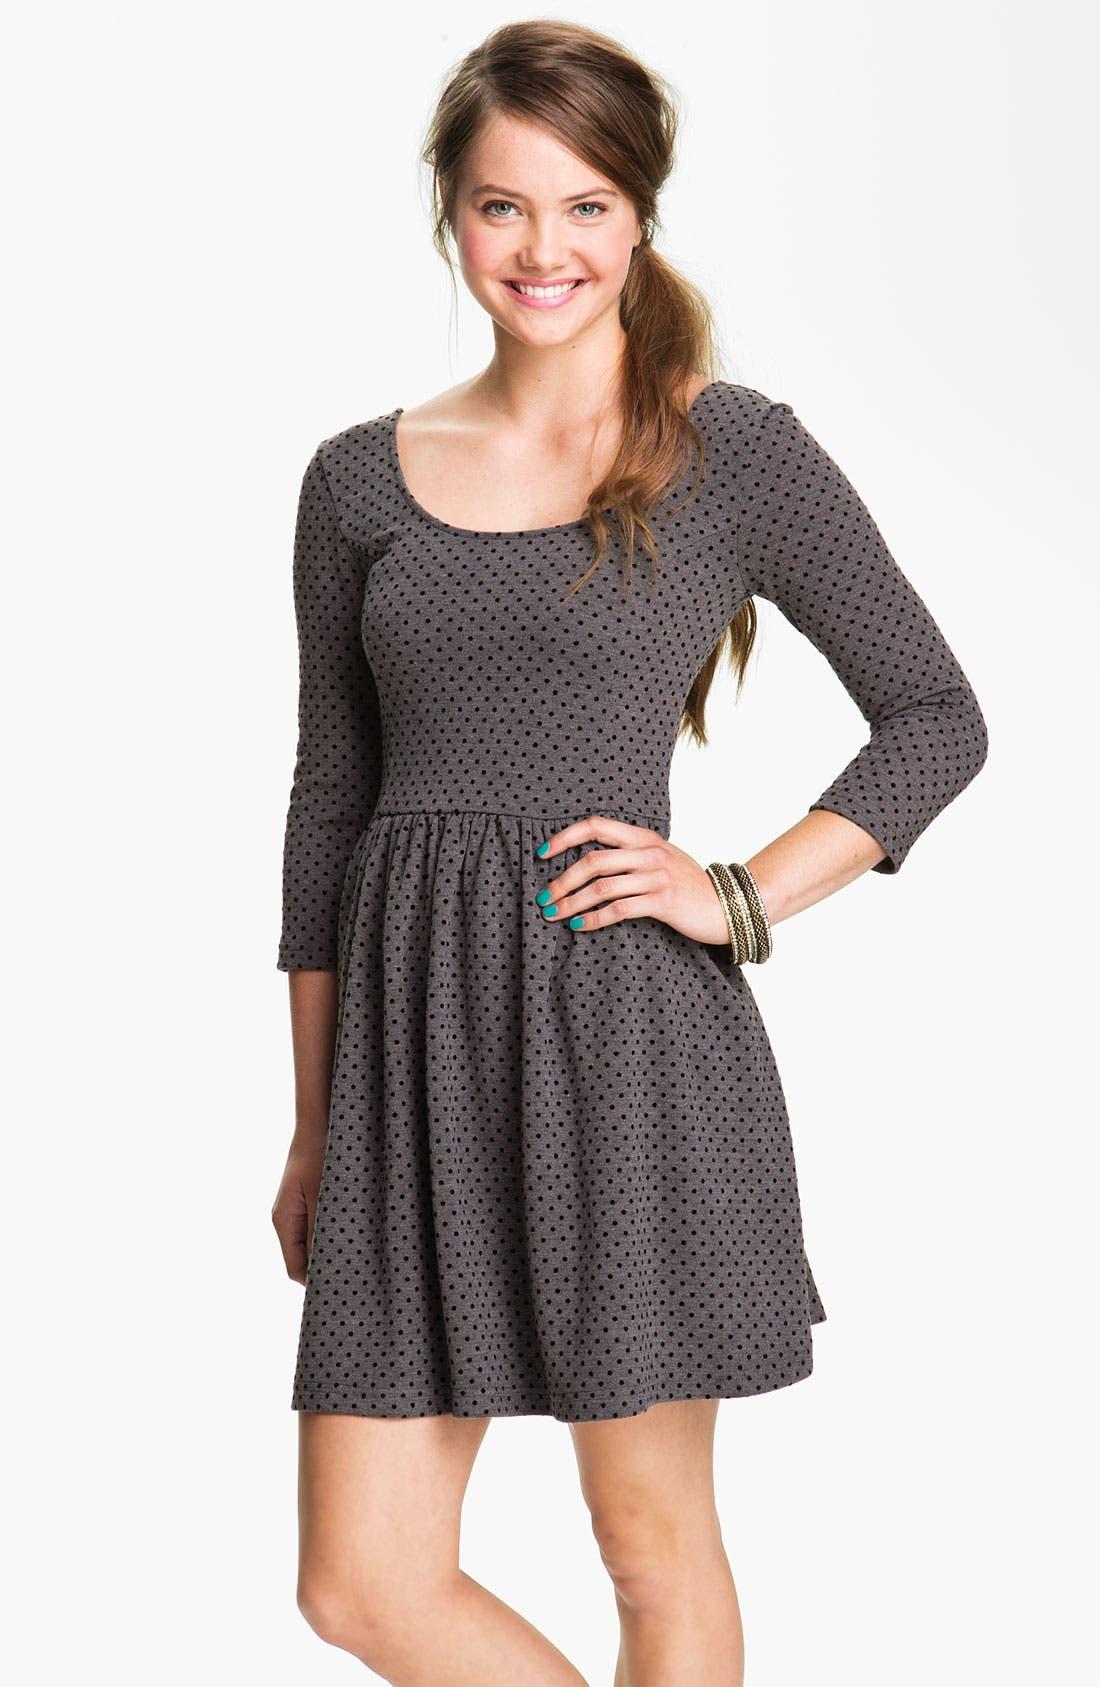 Alternate Image 1 Selected - Frenchi® Velvet Polka Dot Dress (Juniors)